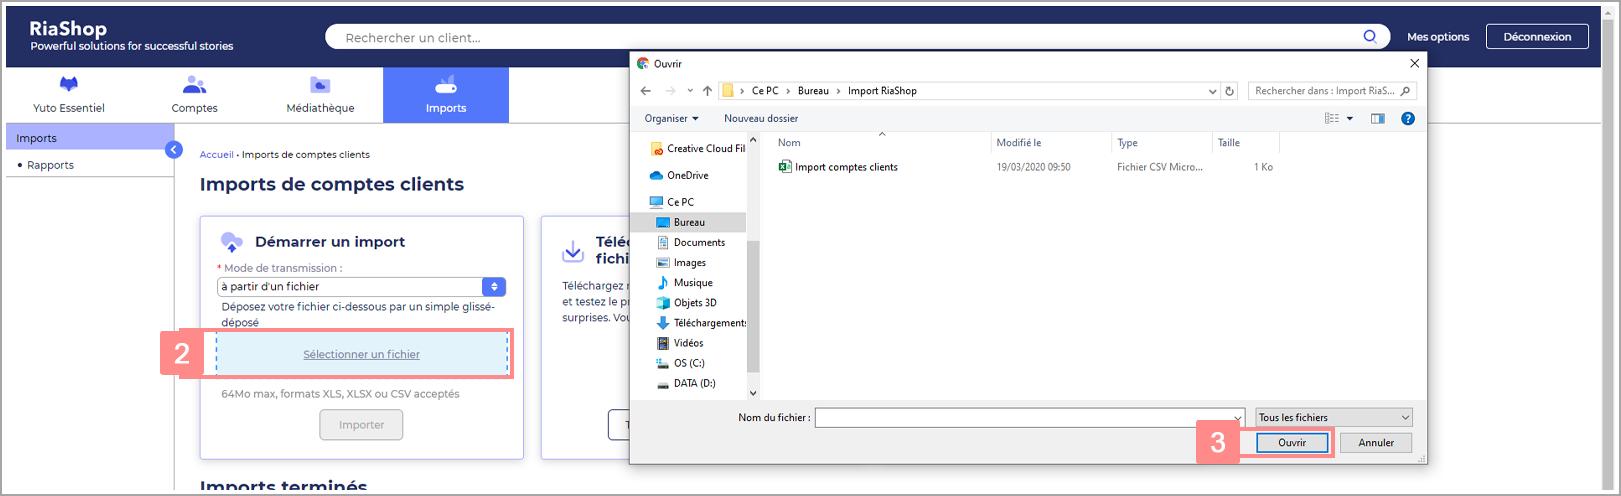 Sélection d'un fichier import dans RiaShop pour Yuto Essentiel